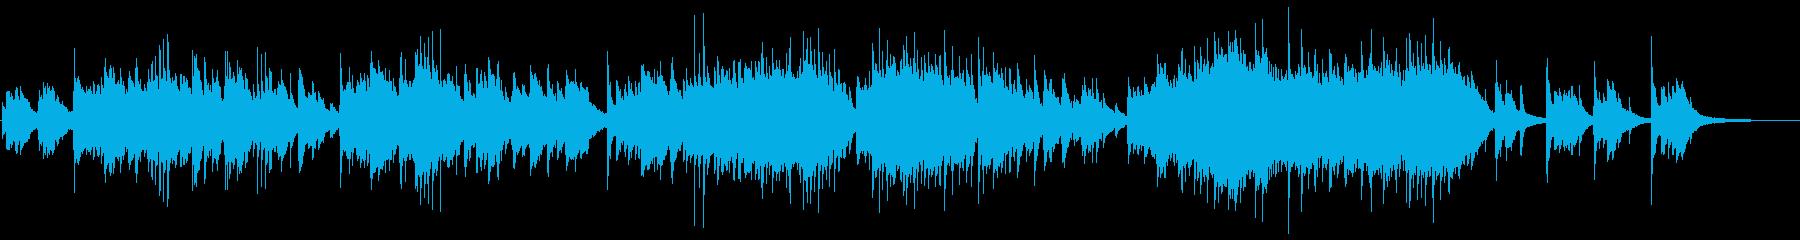 緩やかで穏やかなピアノバラードの再生済みの波形